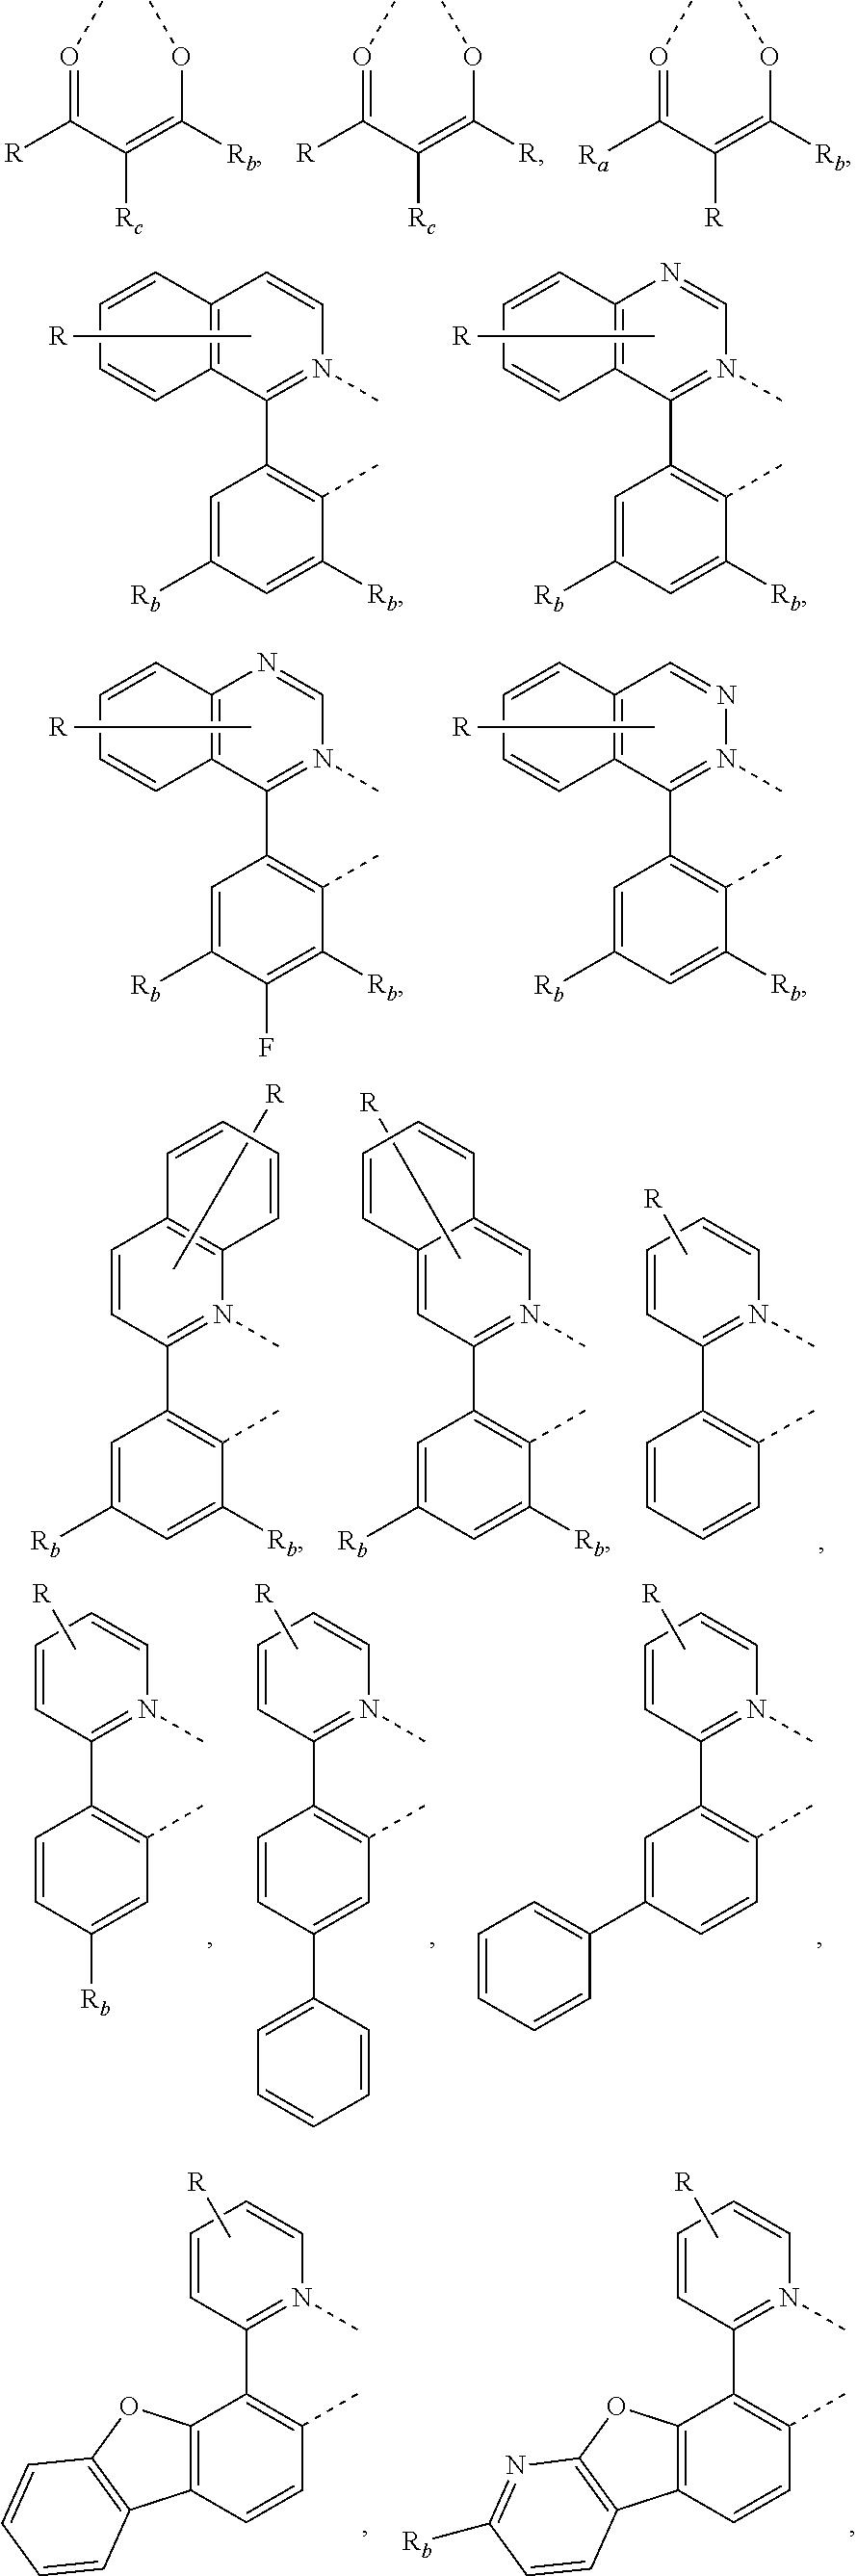 Figure US20180130962A1-20180510-C00224